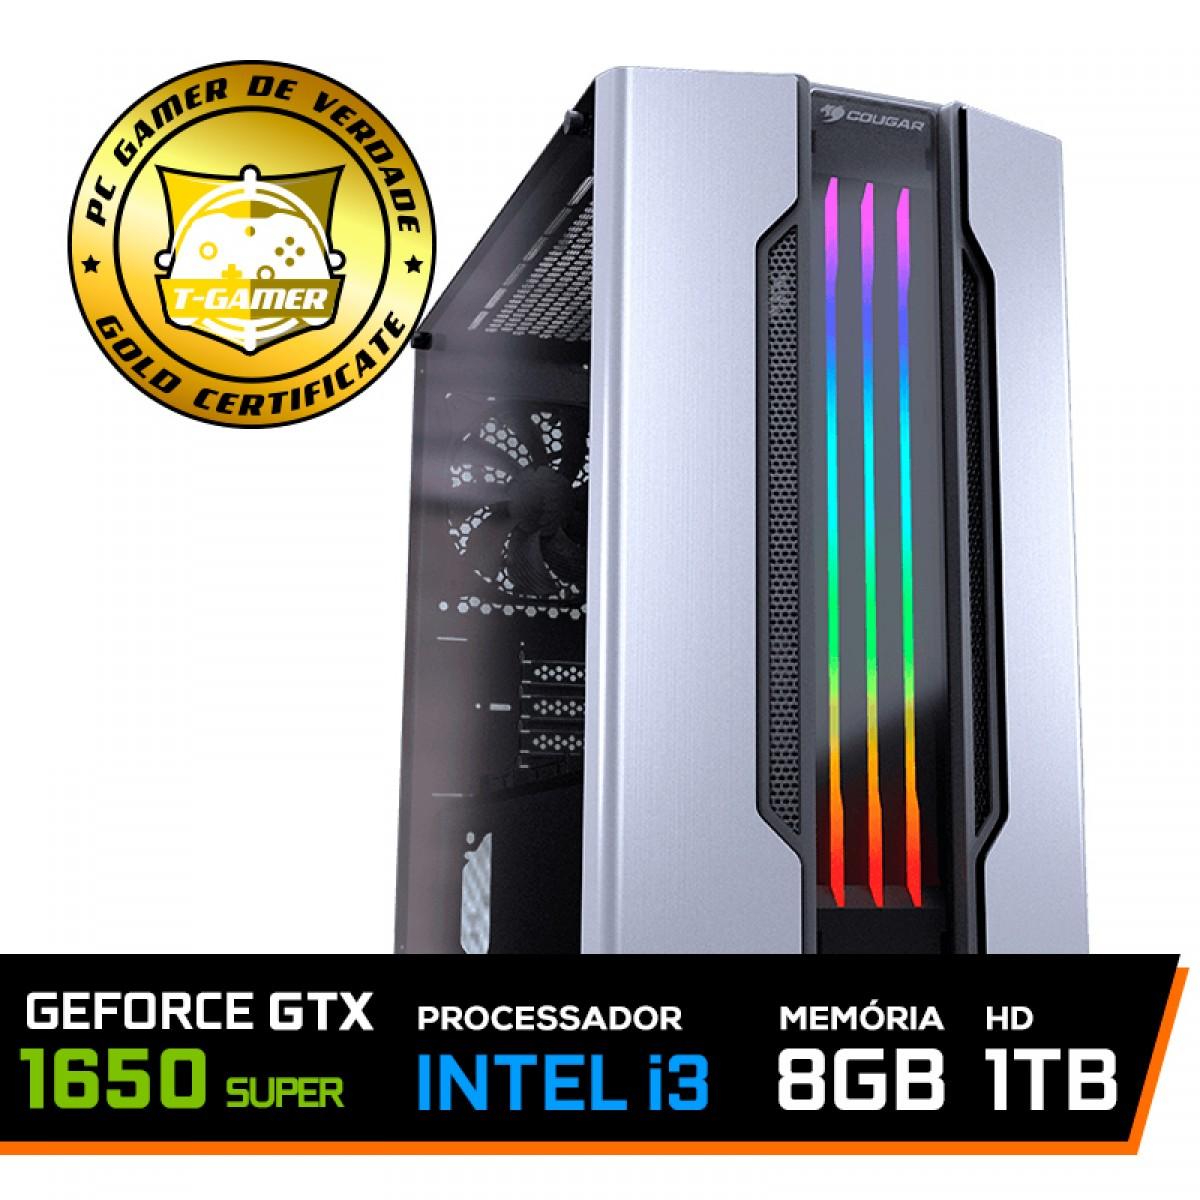 Pc Gamer T-Gamer Dominator Lvl-5 Intel I3 9100F / Geforce GTX 1650 Super / DDR4 8GB / HD 1TB